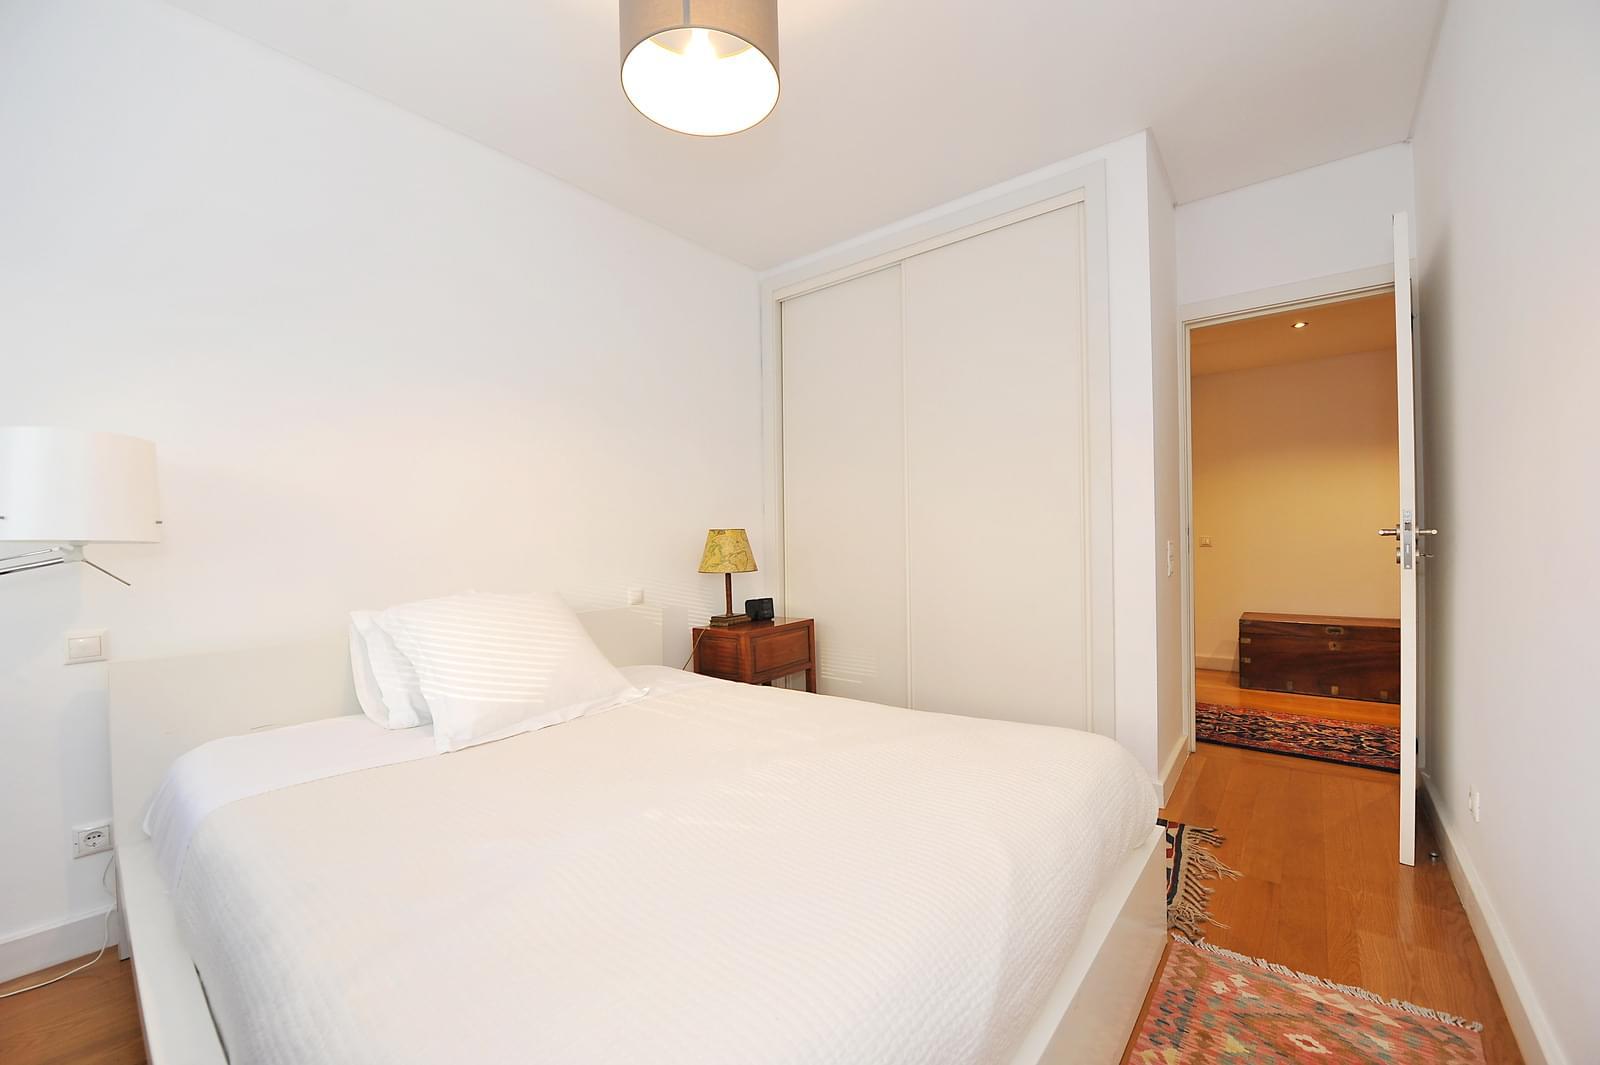 pf18957-apartamento-t5-oeiras-89d18795-de38-445a-8181-fb6d95cf061d